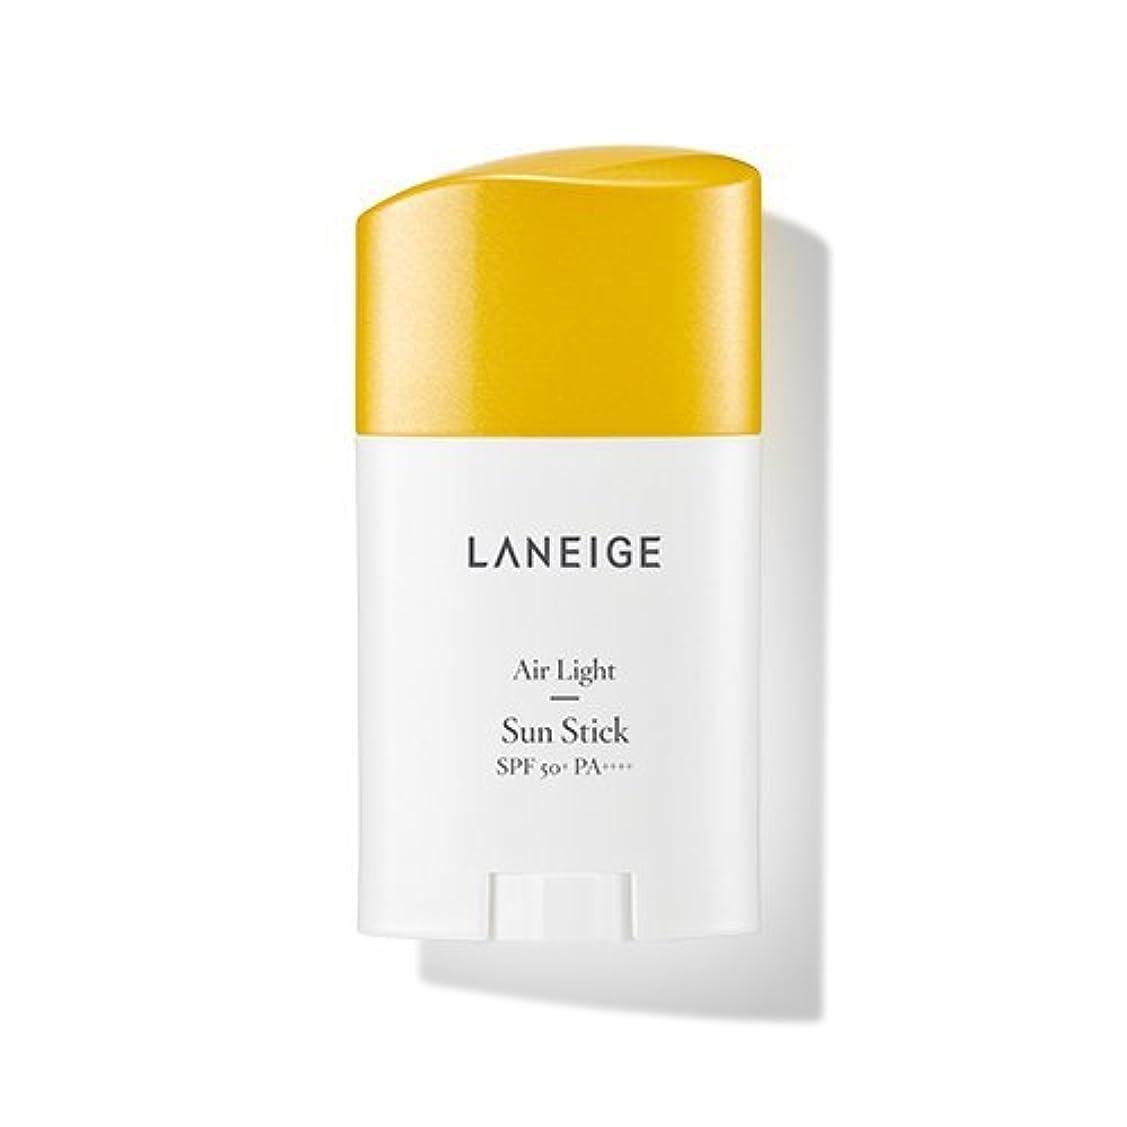 前売差別環境に優しいラネージュ(LANEIGE) エアライト?サンスティック Air Light Sun Stick SPF50 PA+++ 26g